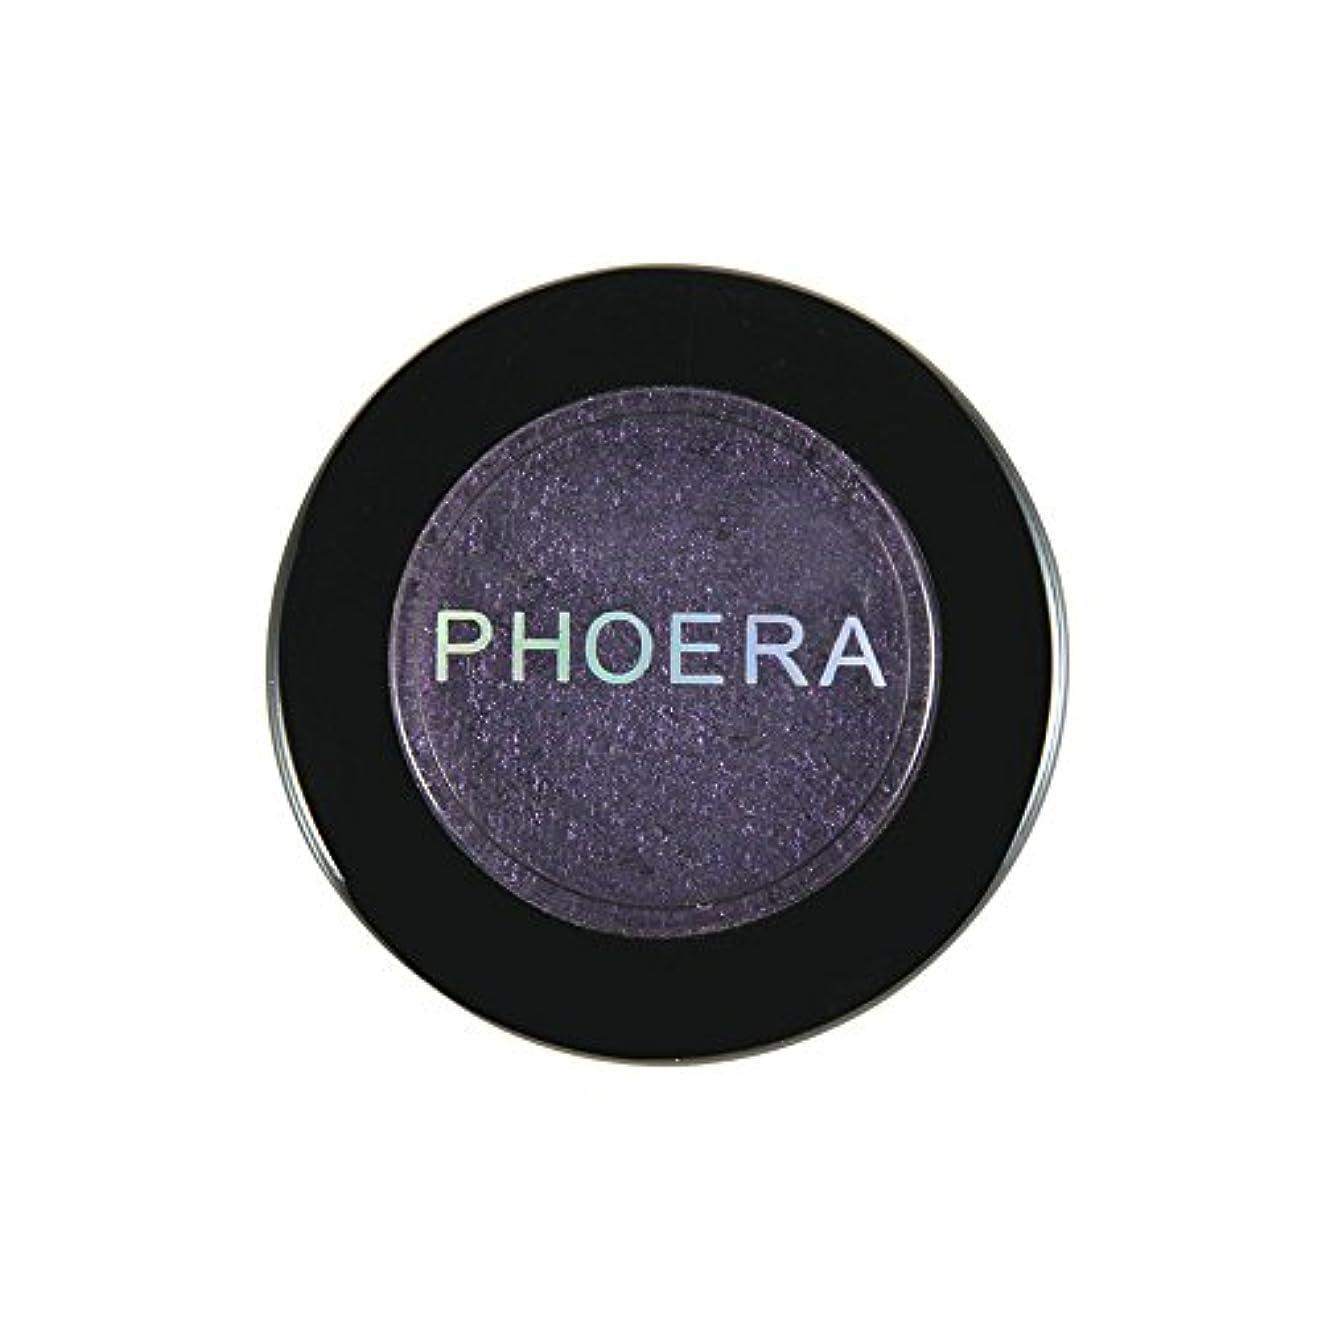 所持ファシズム違反Akane アイシャドウパレット PHOERA 人気 ファッション 魅力的 マッシュポテト 単なる 一つだけ 綺麗 チャーム 長持ち おしゃれ 持ち便利 日常 仕事 Eye Shadow (4色)